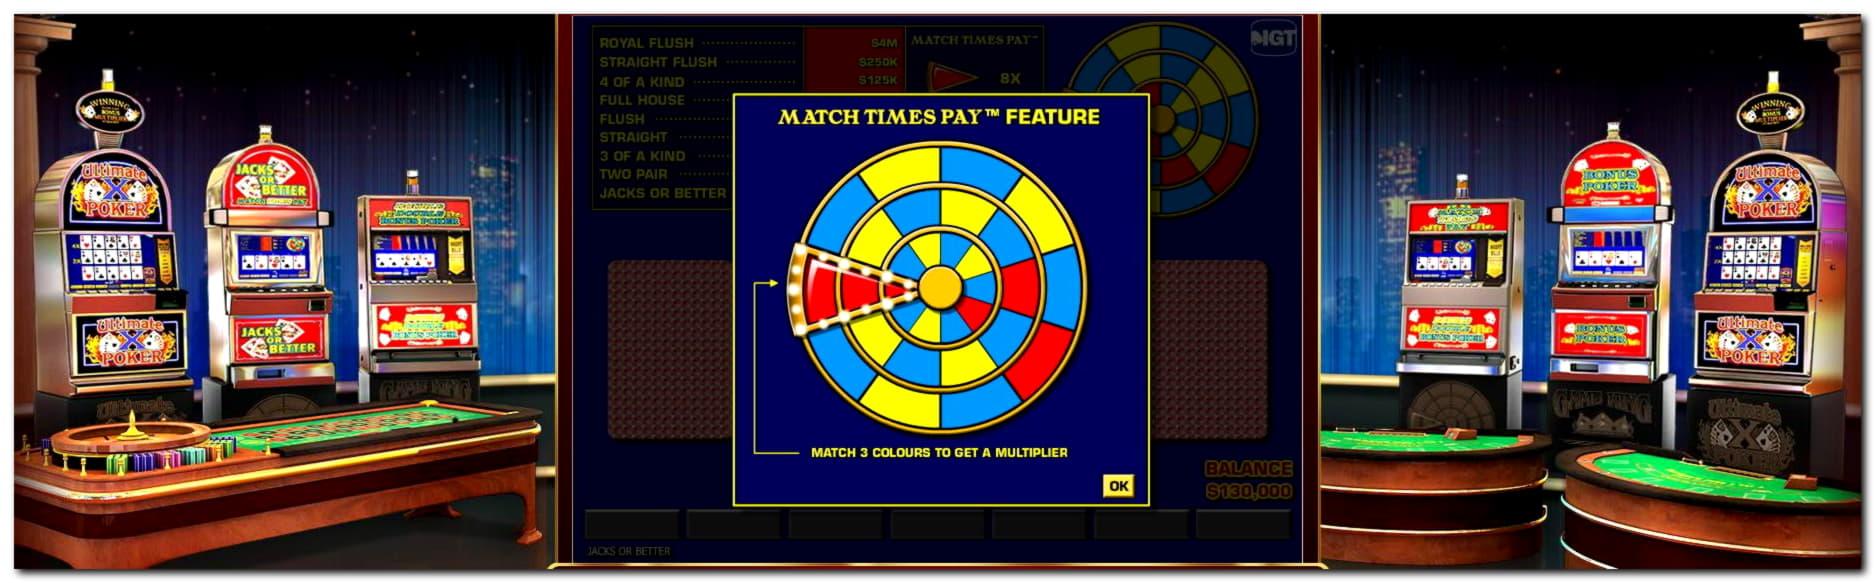 885% Match Bonus Casino at Party Casino